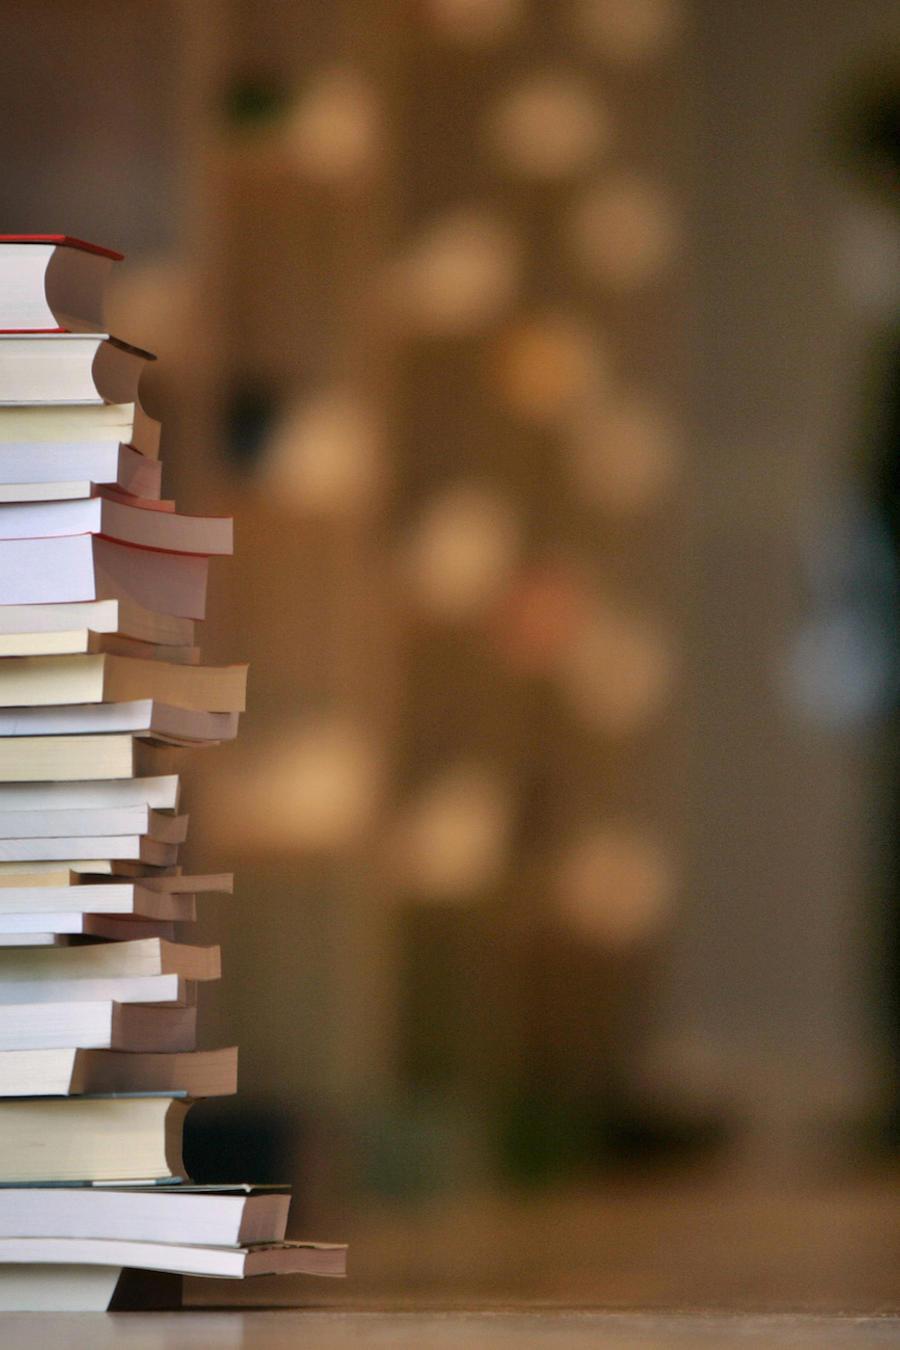 Un pila de libros en Frankfurt, Alemania, el 13 de octubre de 2008.